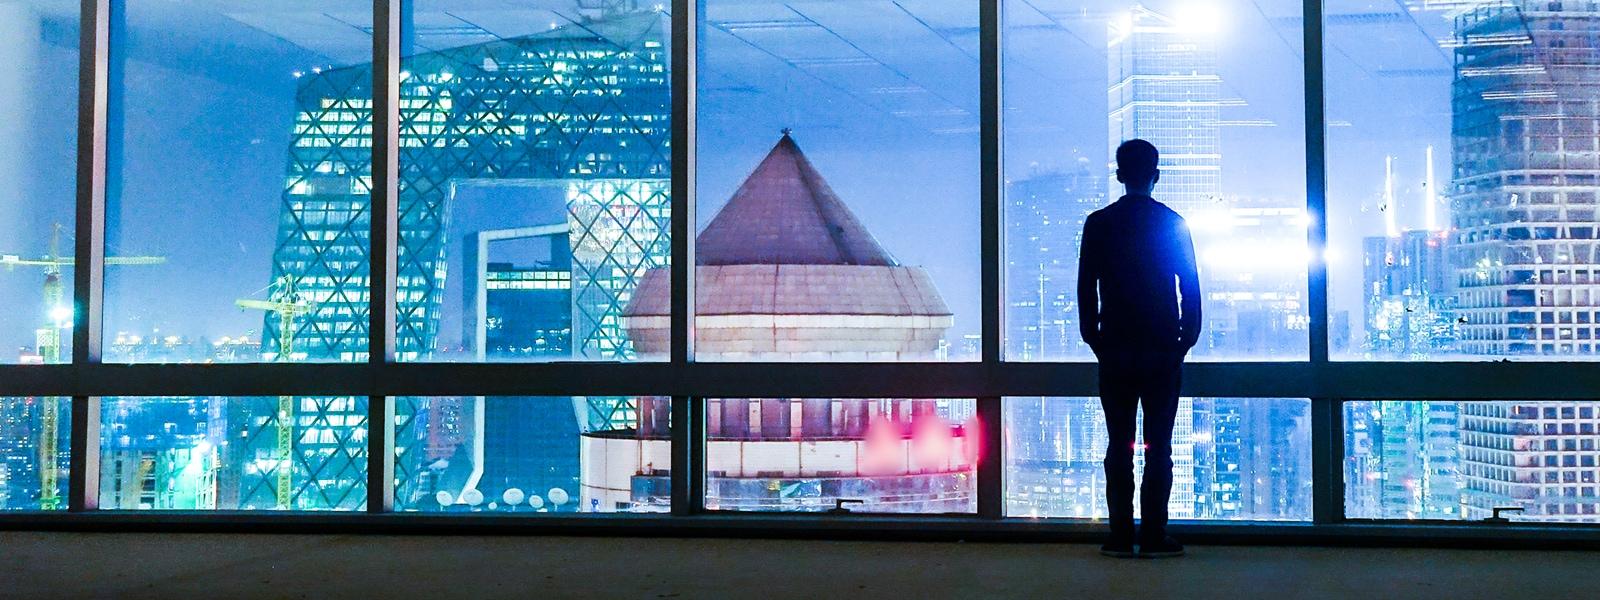 Ein Mann steht in einem Büro mit Fenster mit Blick auf eine Stadt bei Nacht.